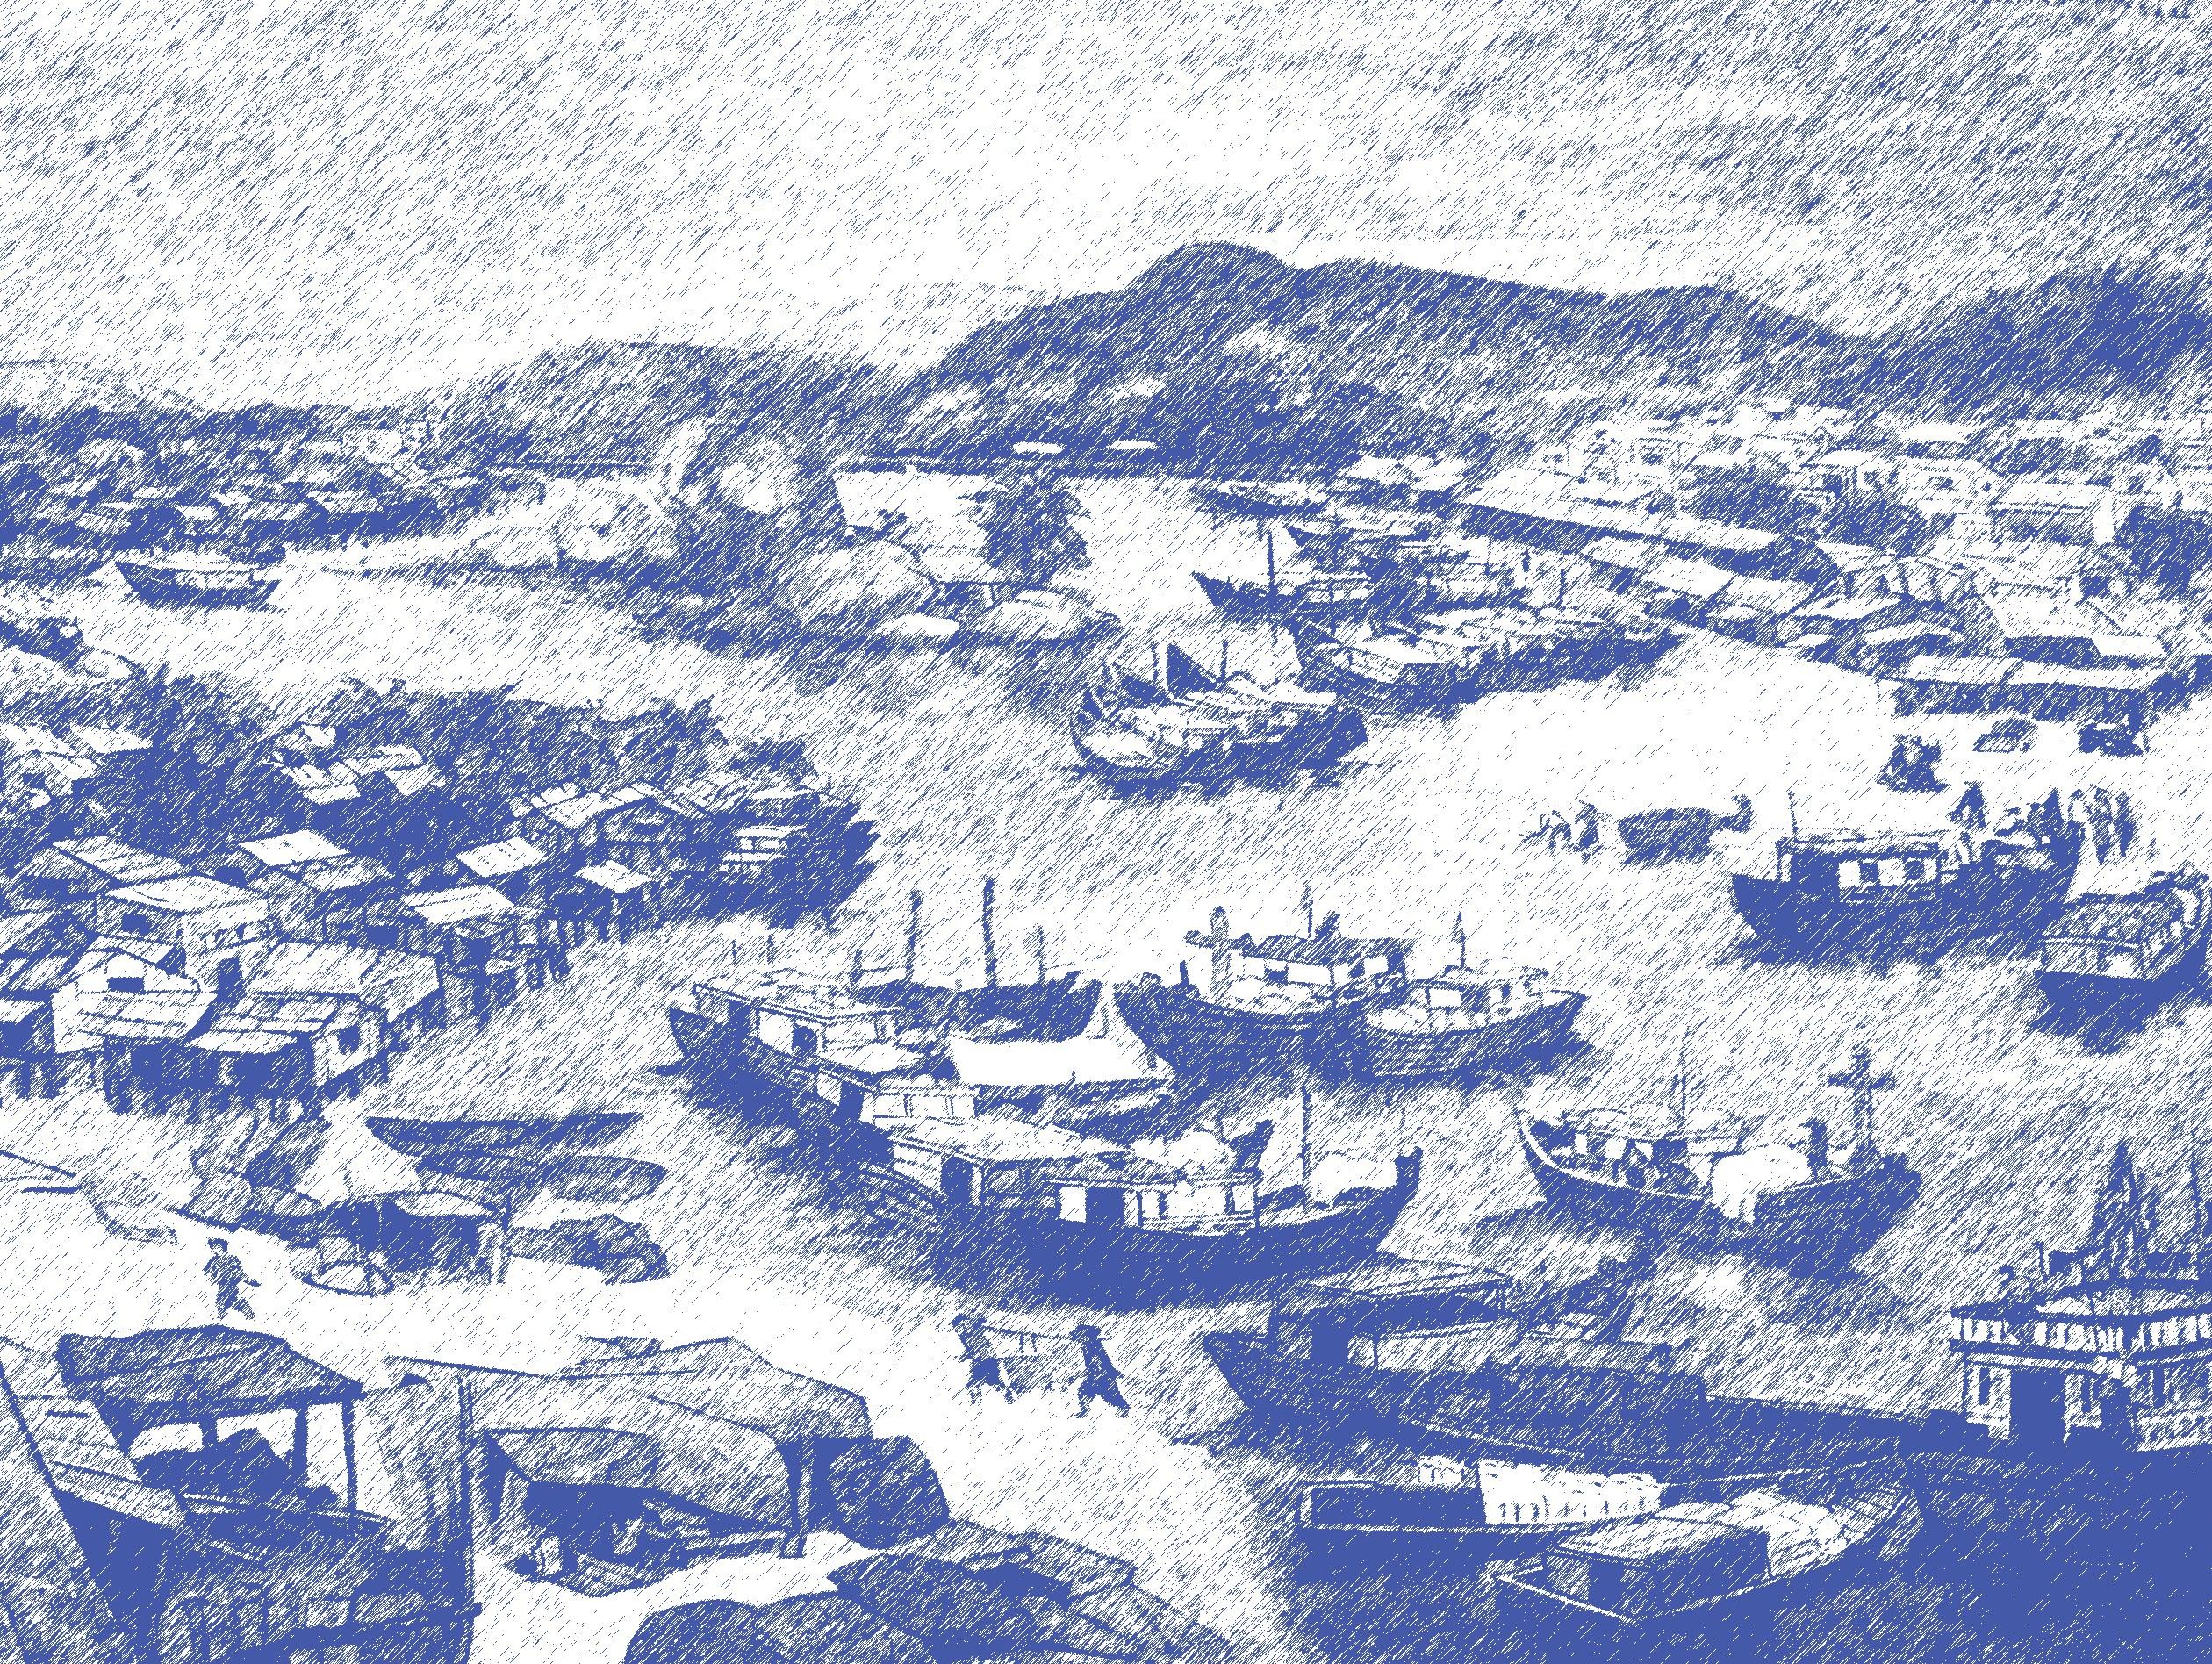 Tác phẩm Mưa về trên xóm Bóng / Rain in Bong hamlet